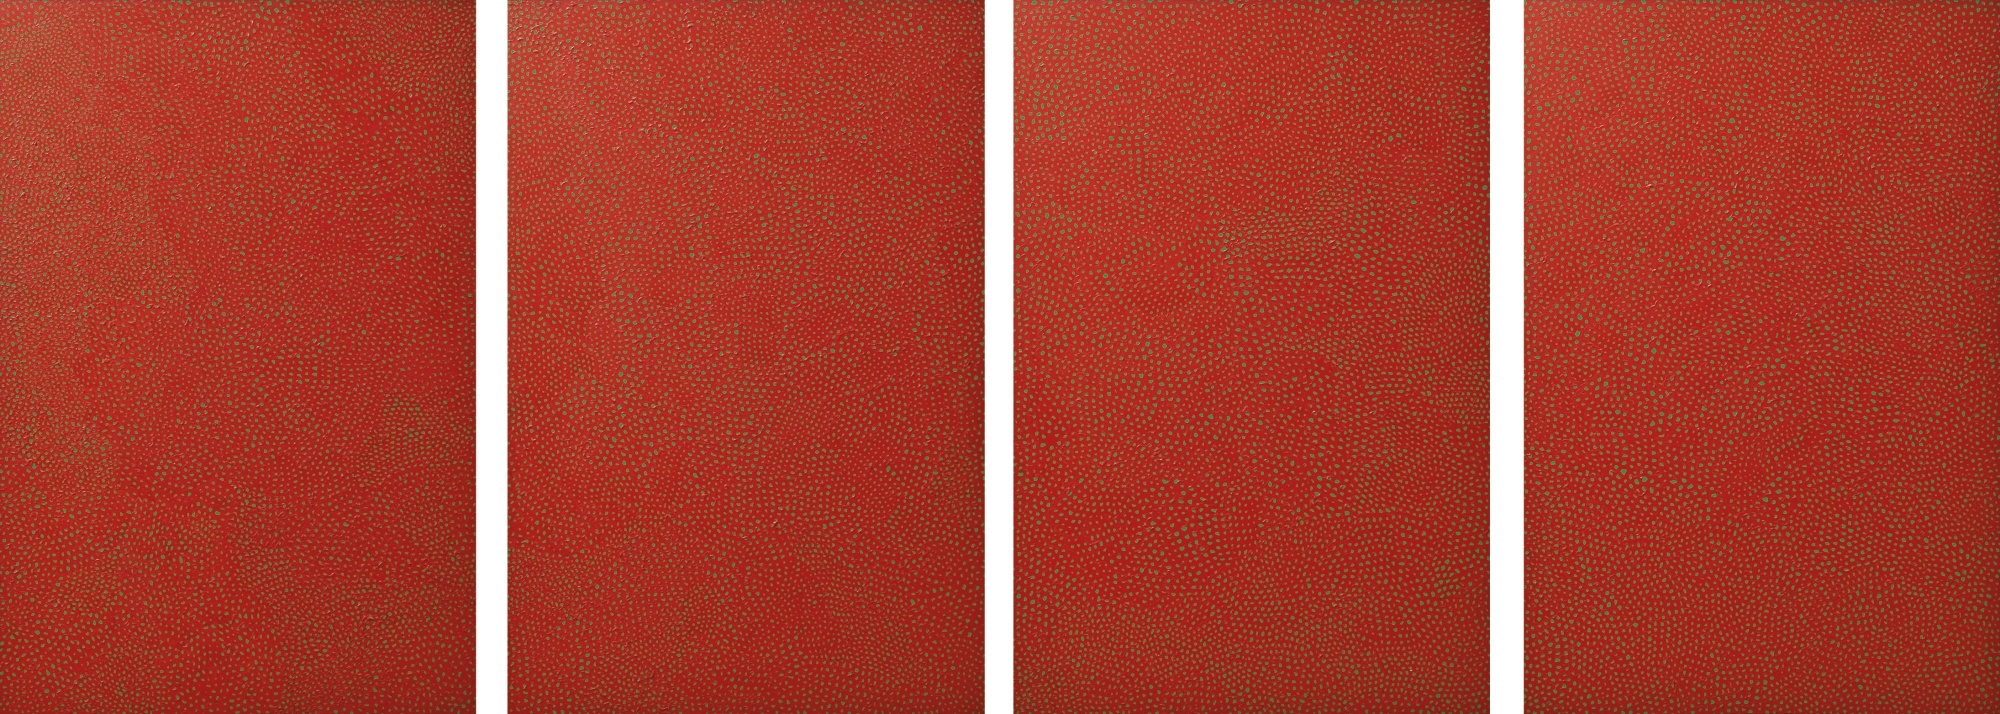 Yayoi Kusama-Infinity-Nets (Howaz) (Quadriptych)-2005